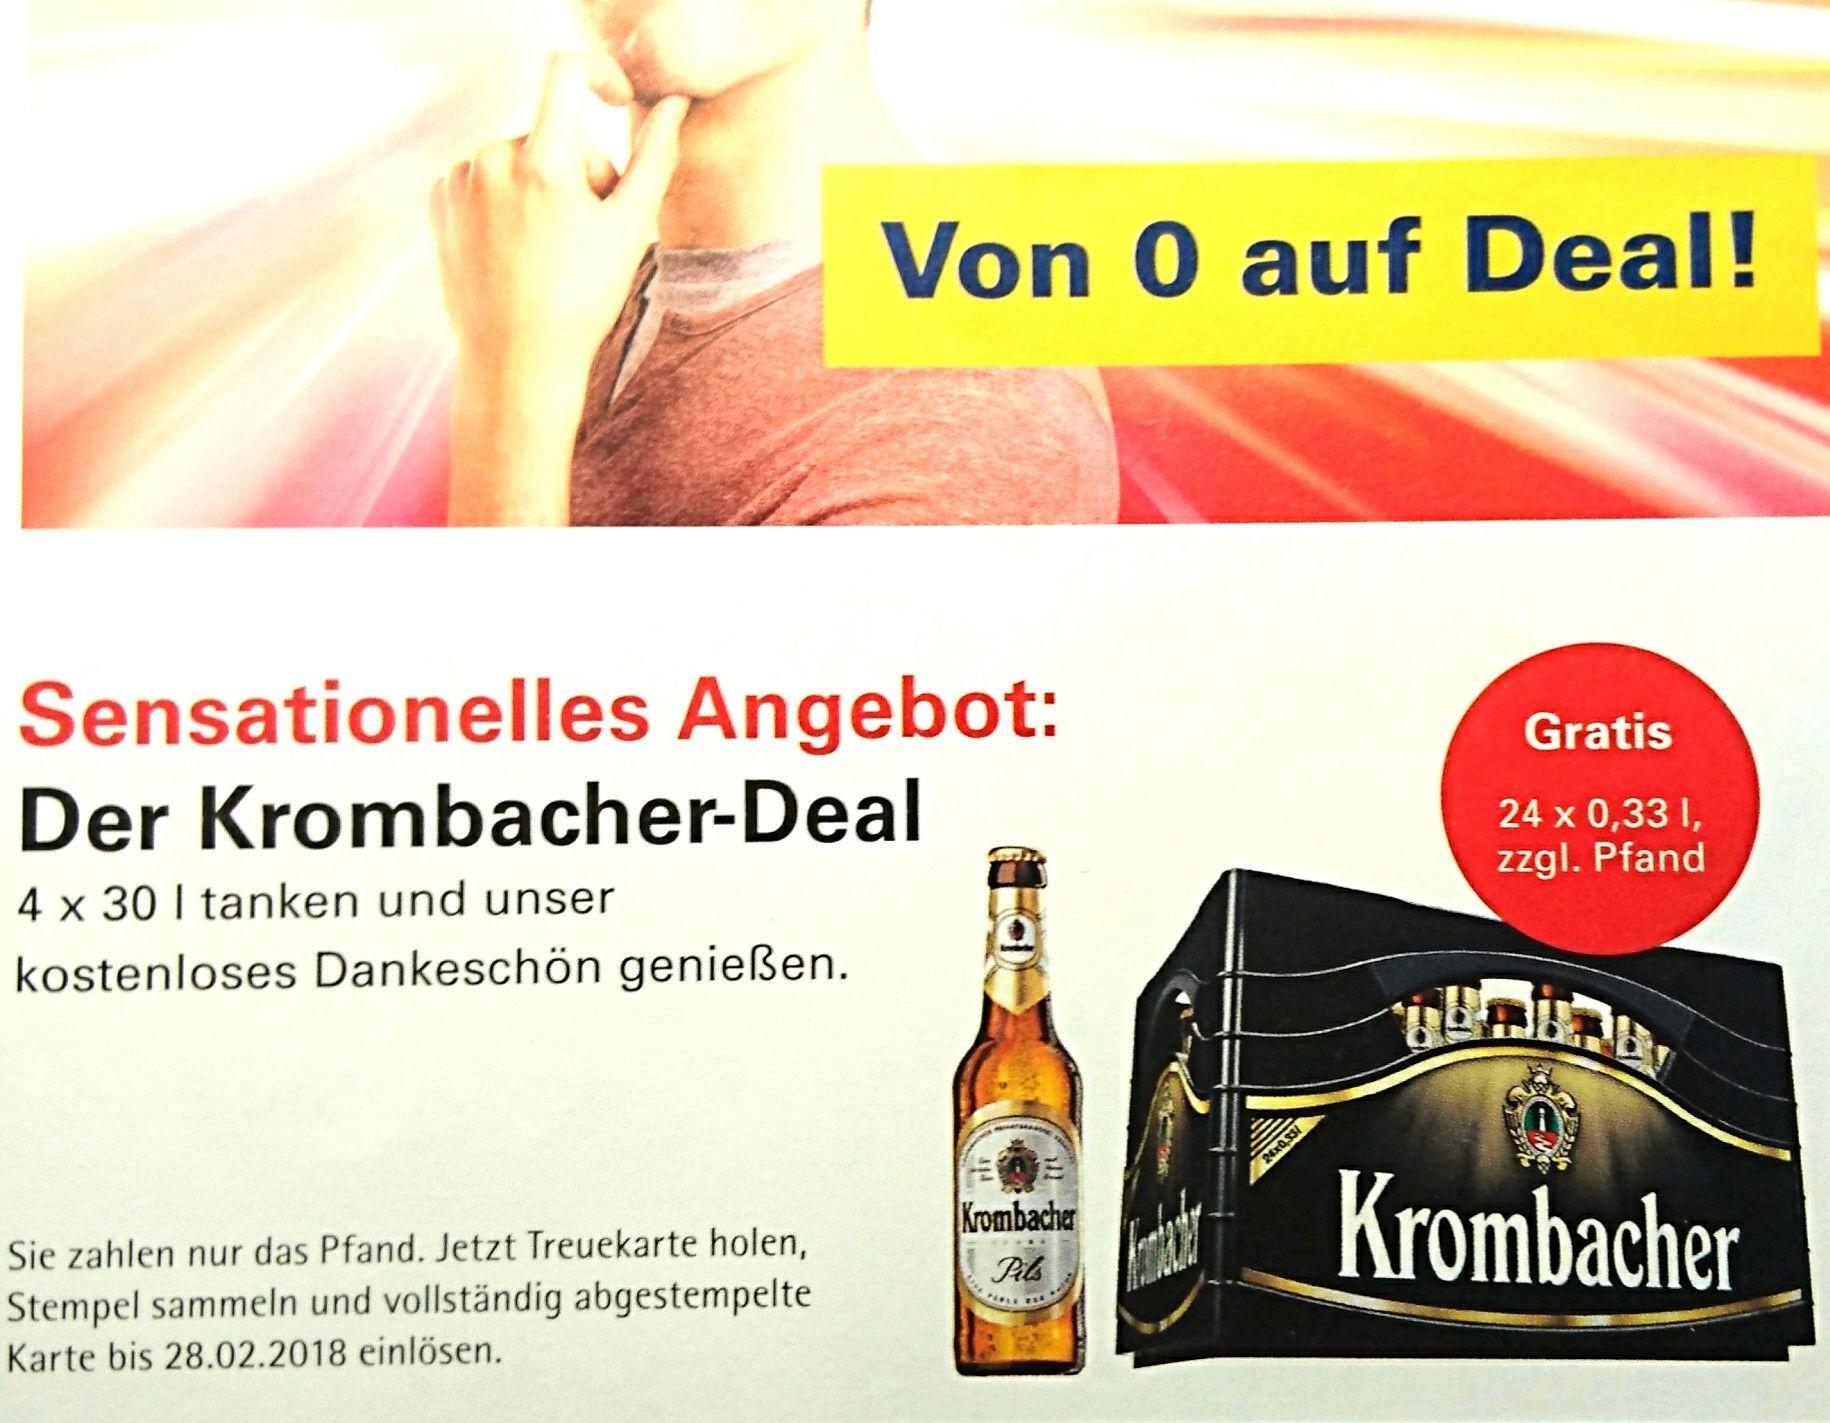 Der Krombacher-Deal: 4 x 30 Liter bei Westfalen tanken: eine Kiste Krombacher gratis! (Evtl. nur in Coesfeld)